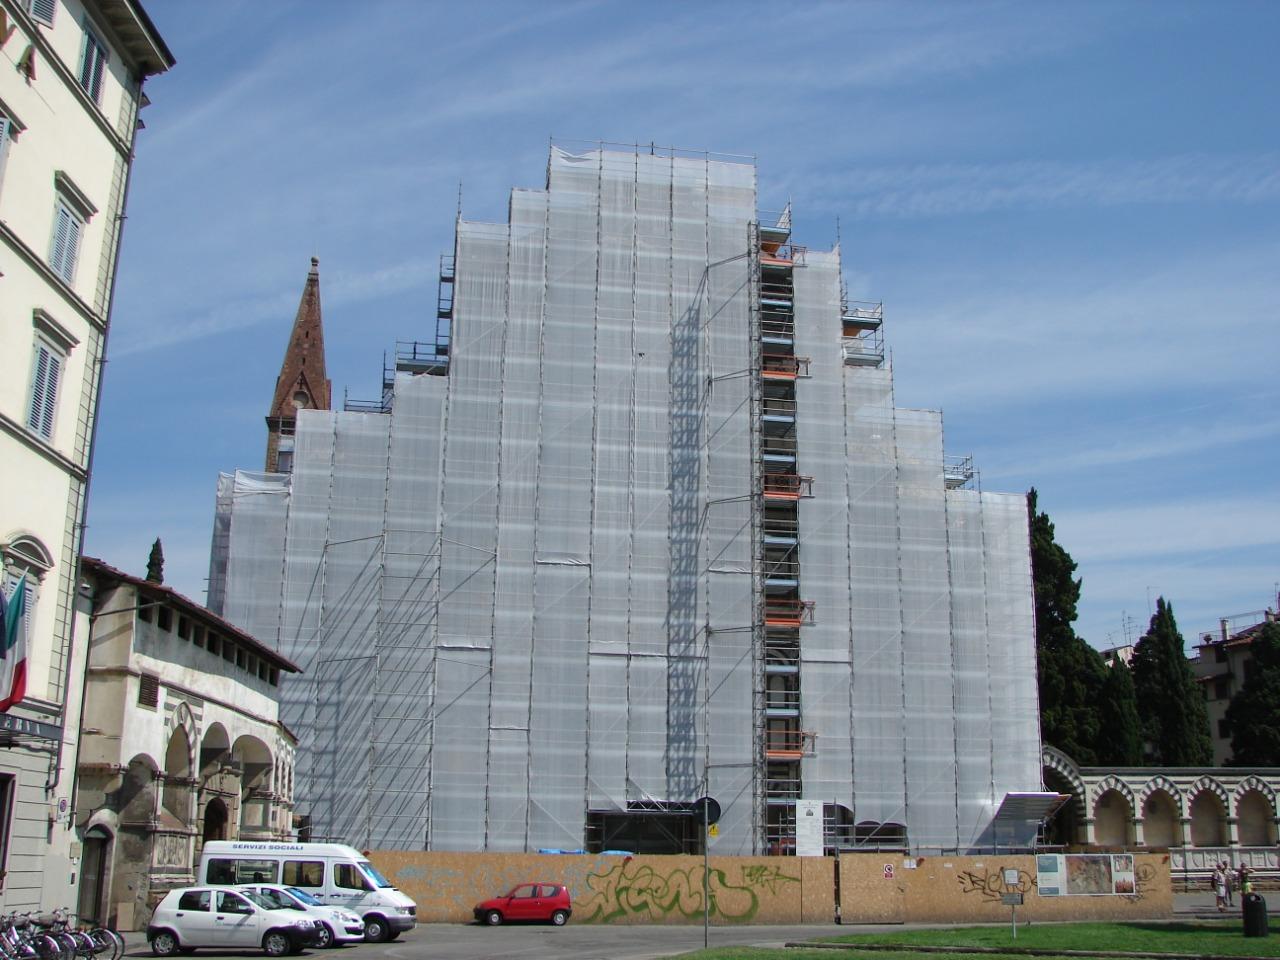 Gallery foto n.1 Multiceta - Реставрация базилики Санта-Мария-Новелла